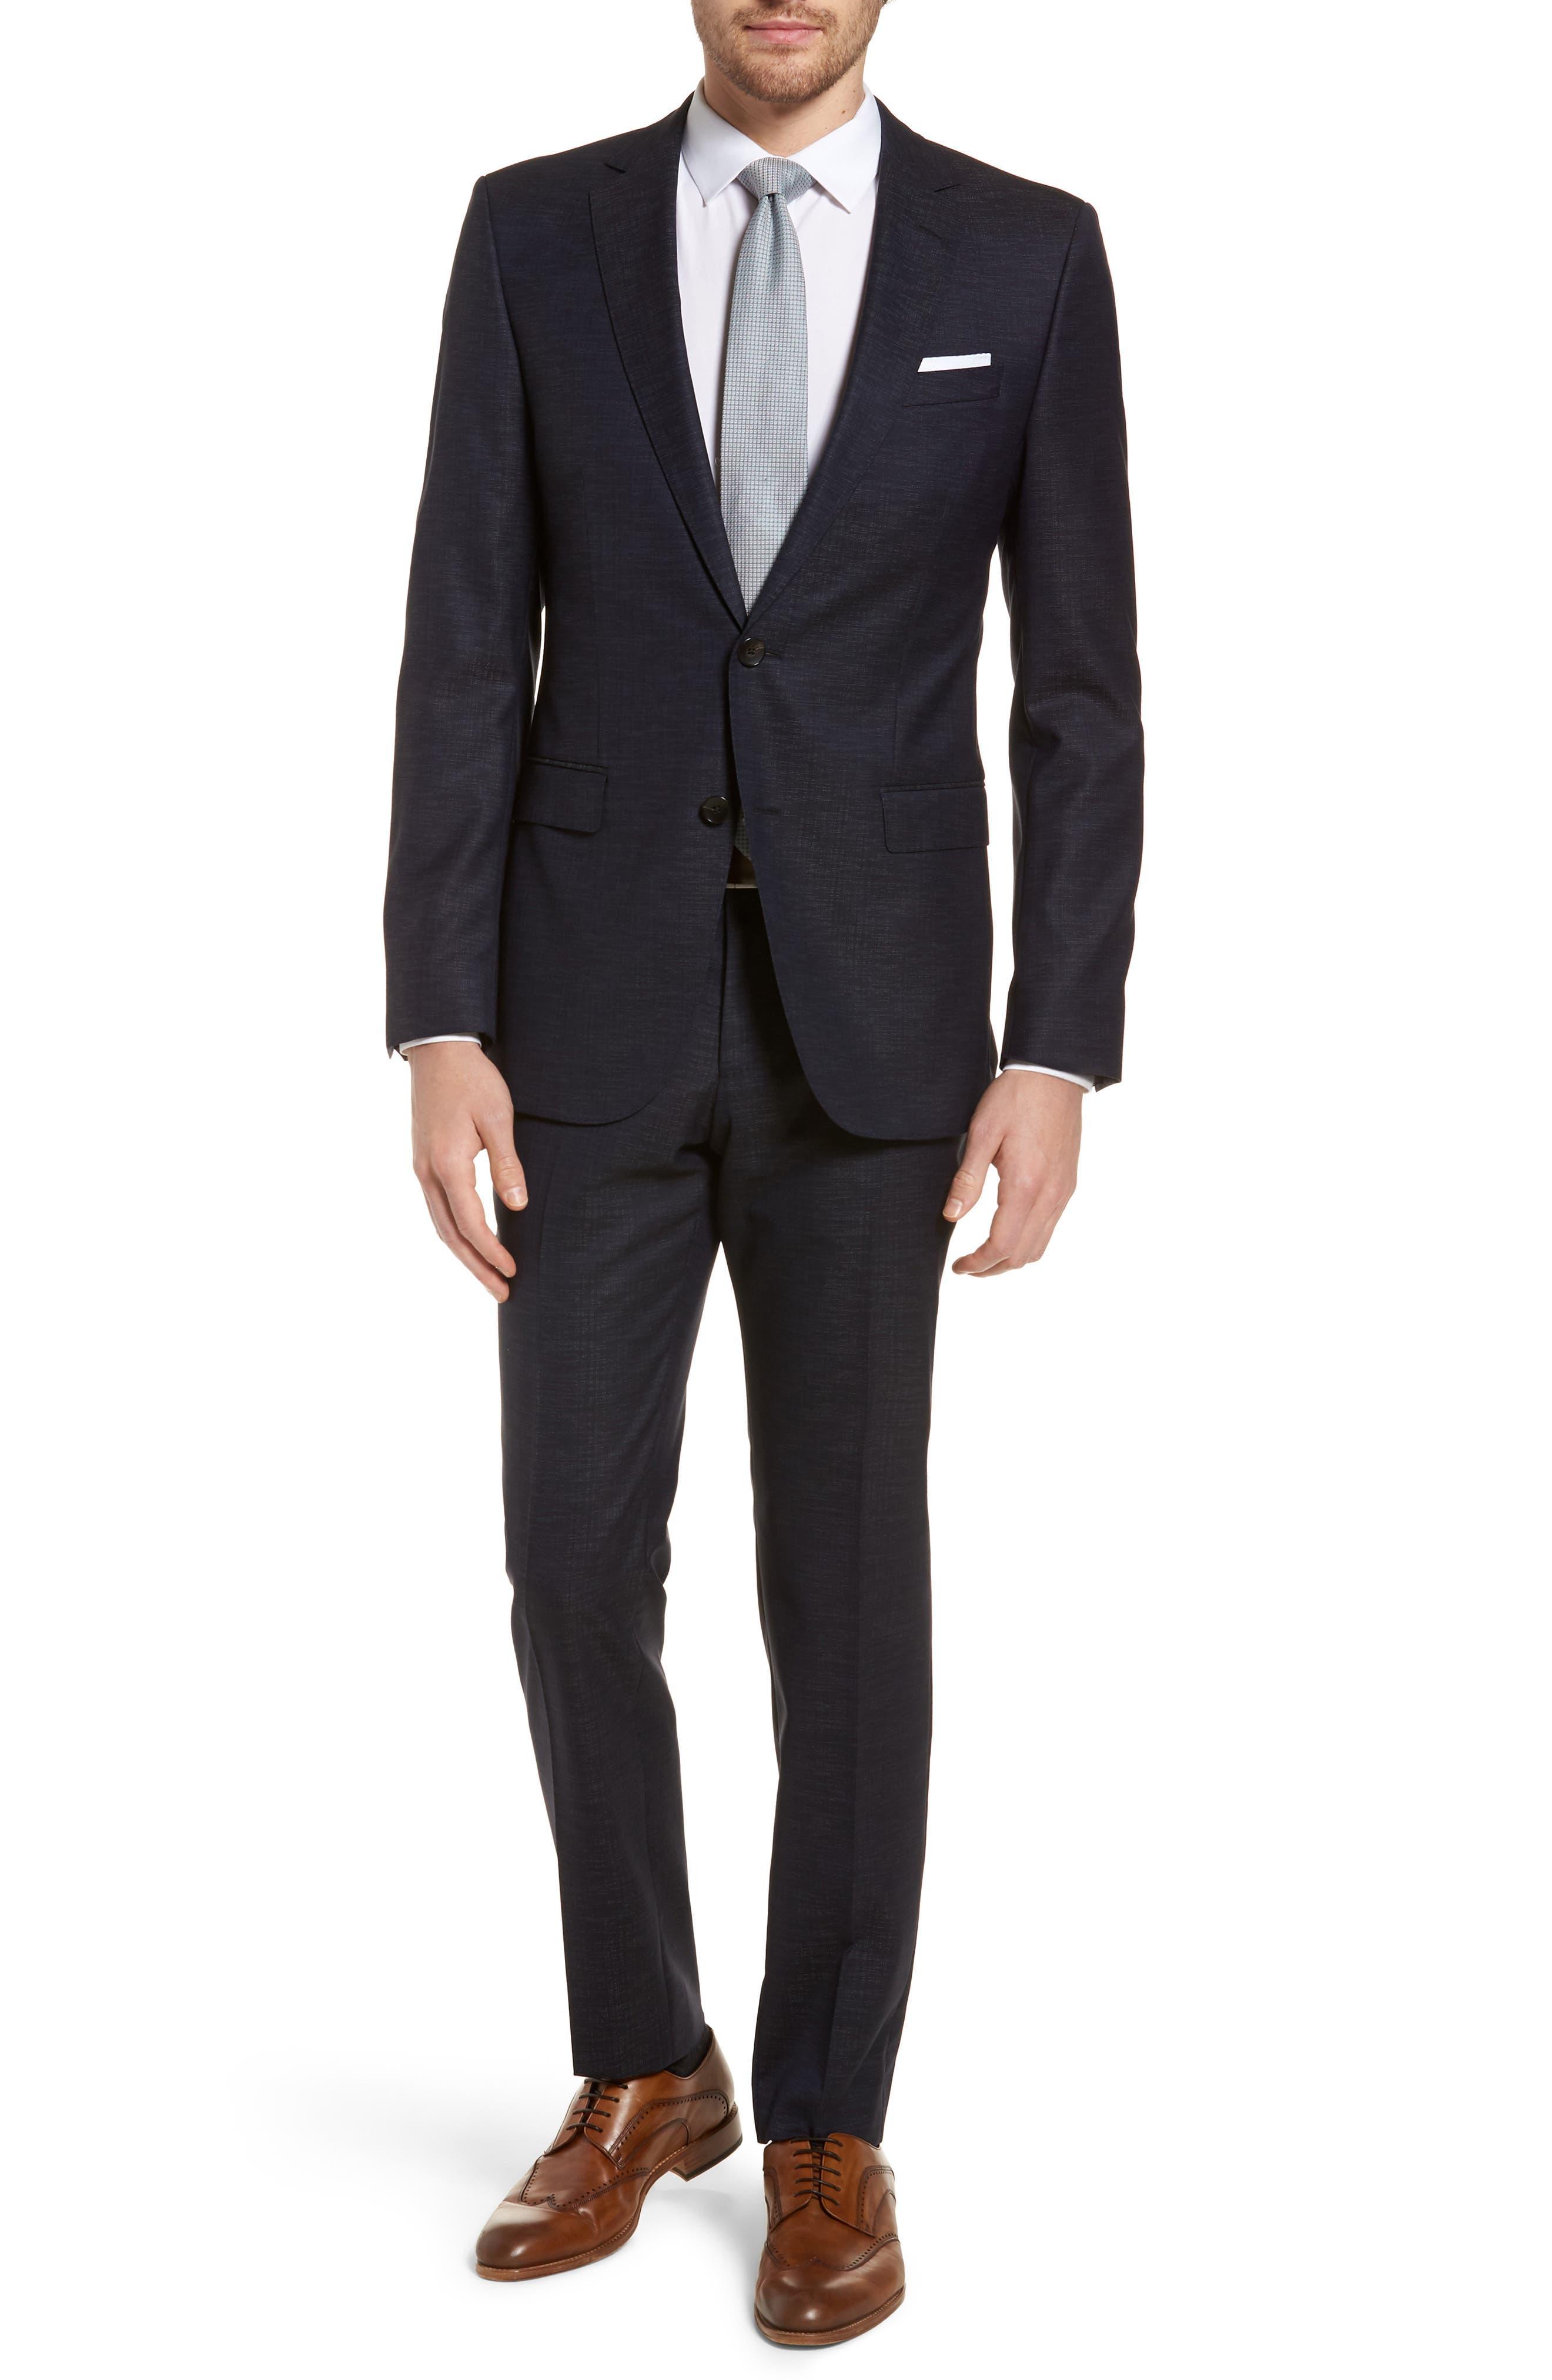 Novan/Ben Trim Fit Solid Wool Blend Suit,                             Main thumbnail 1, color,                             Navy